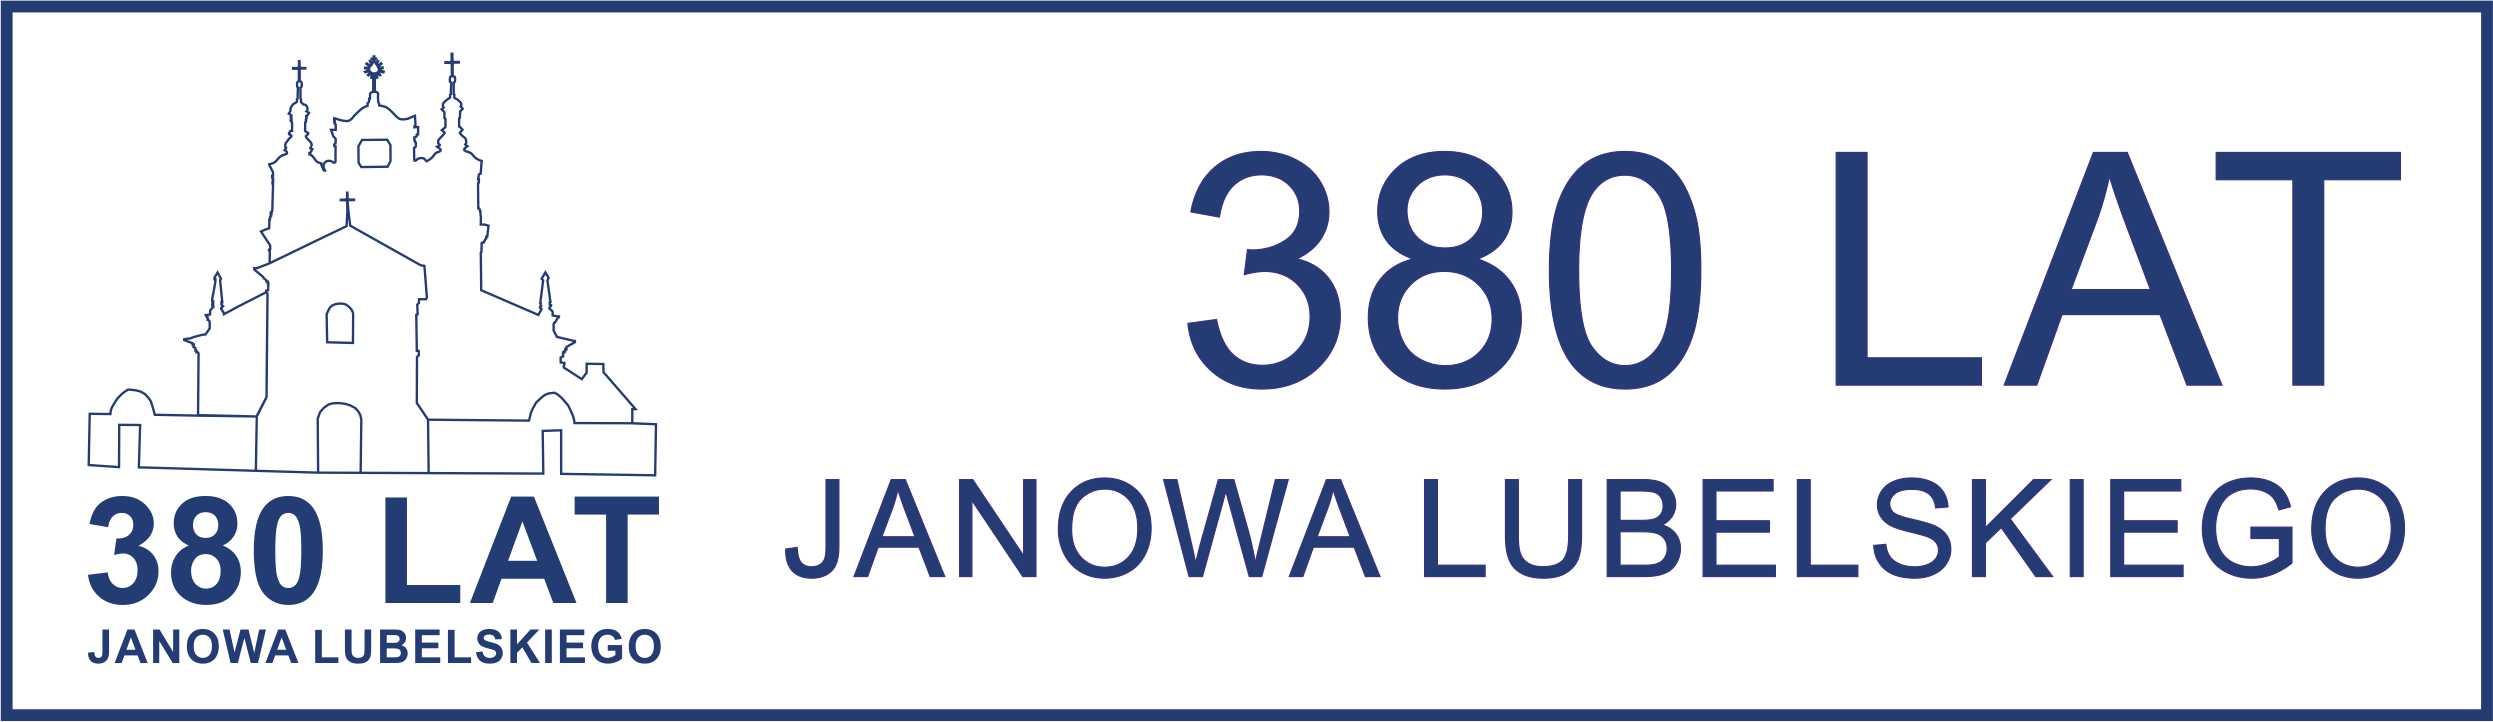 380 lecie Janowa Lubelskiego